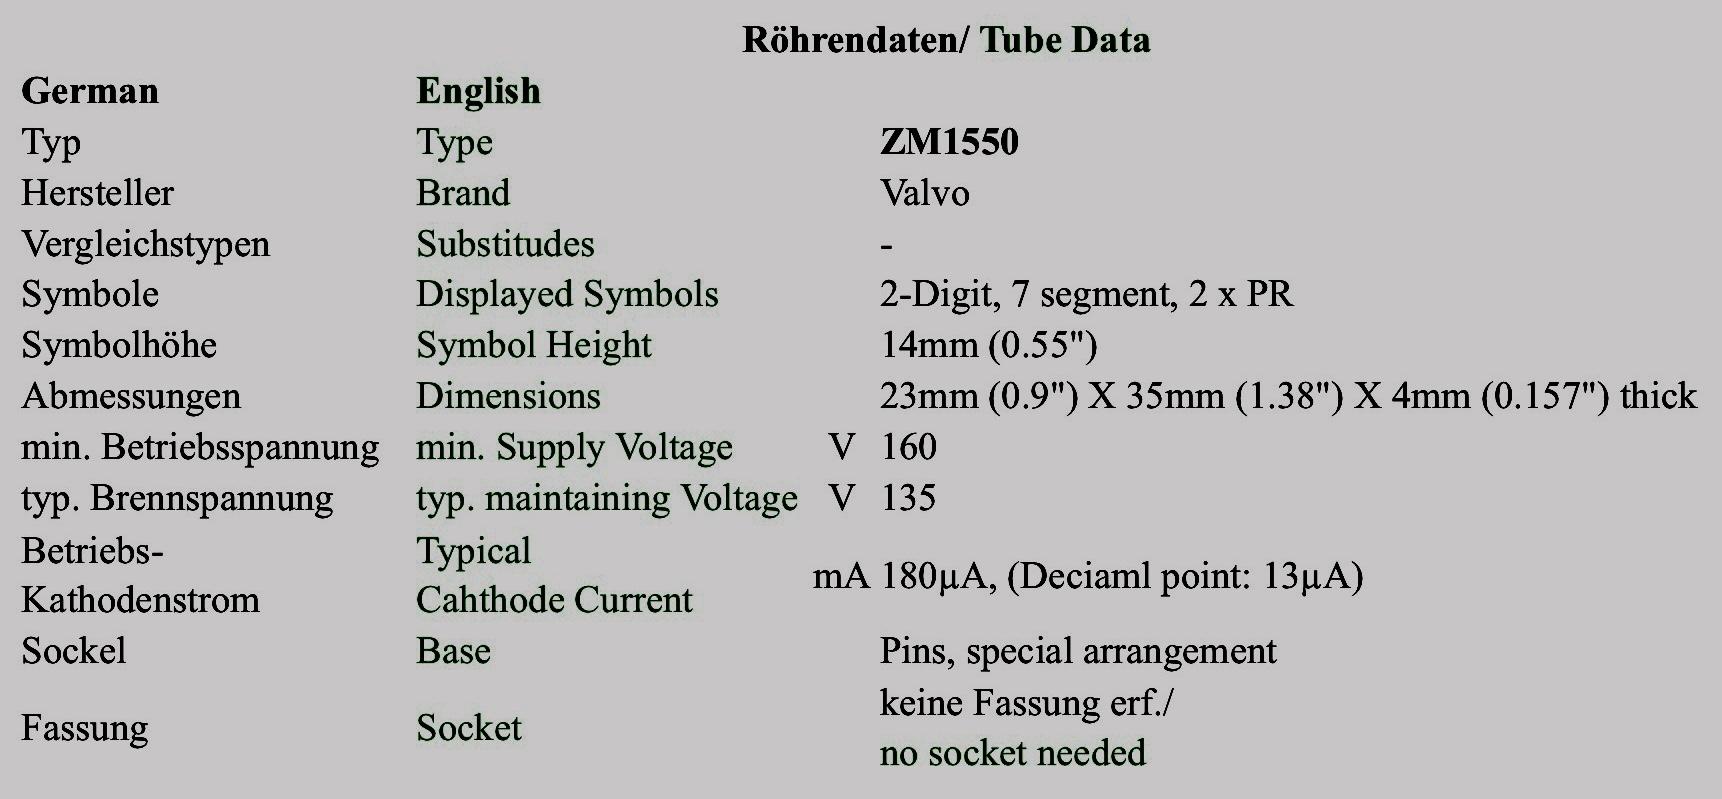 731C9032-0E61-4CF0-BA3C-488245580134.jpeg